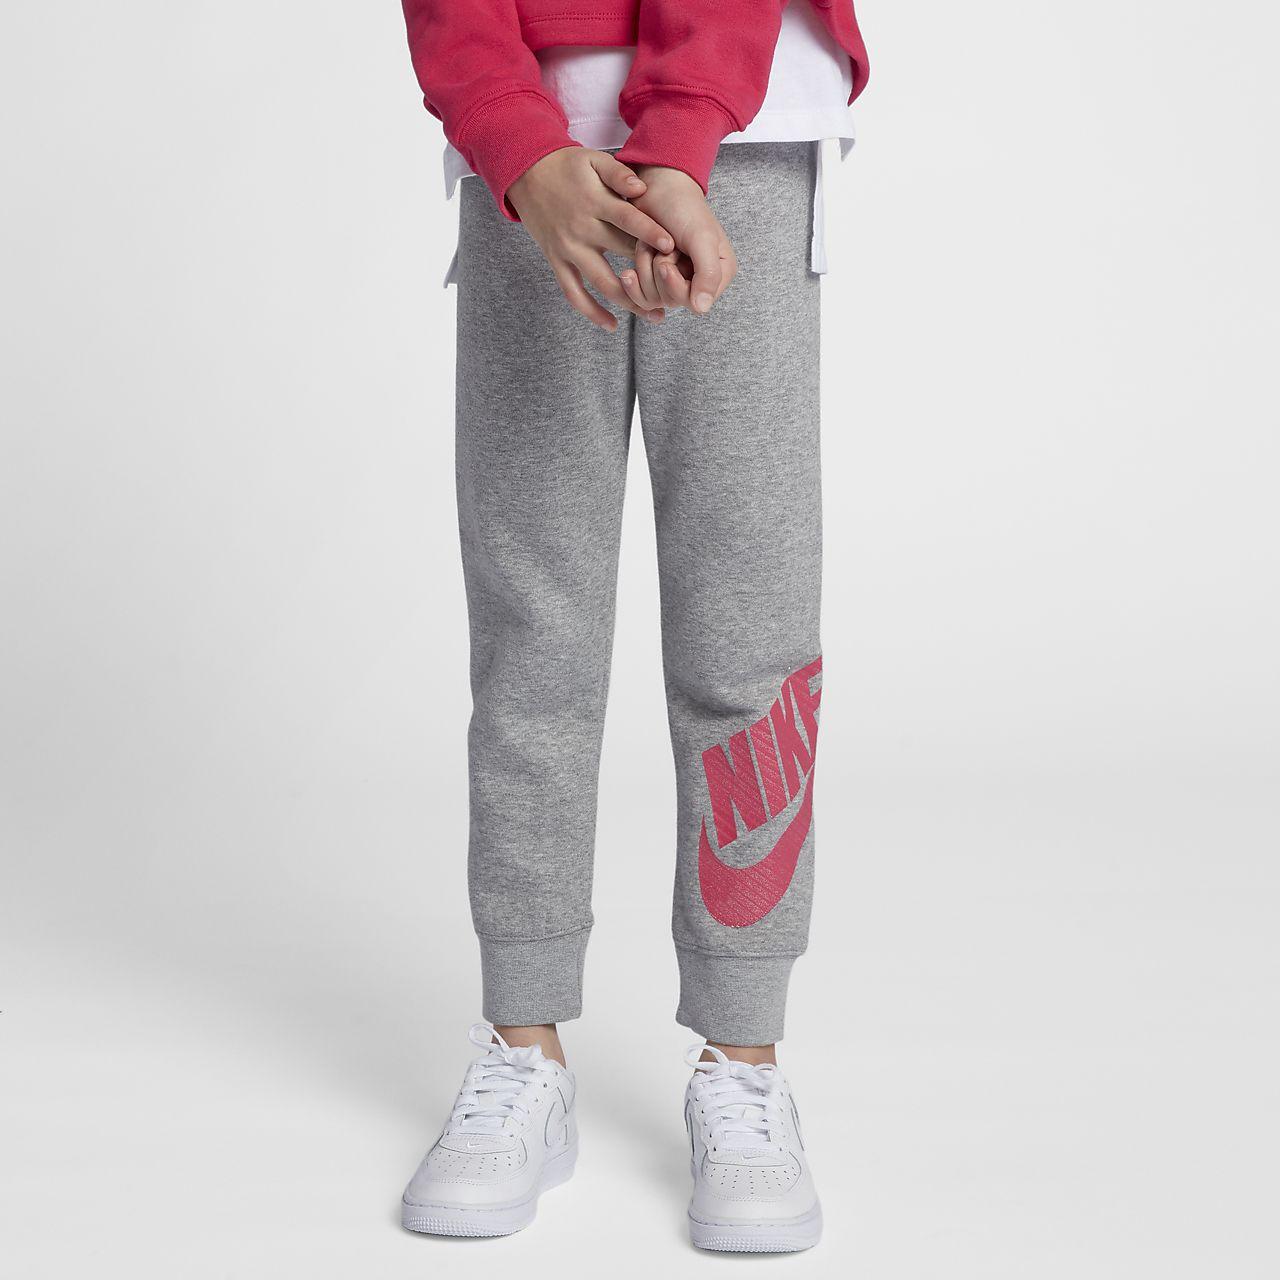 official new high quality best wholesaler Pantalon de jogging Nike Sportswear pour Jeune enfant